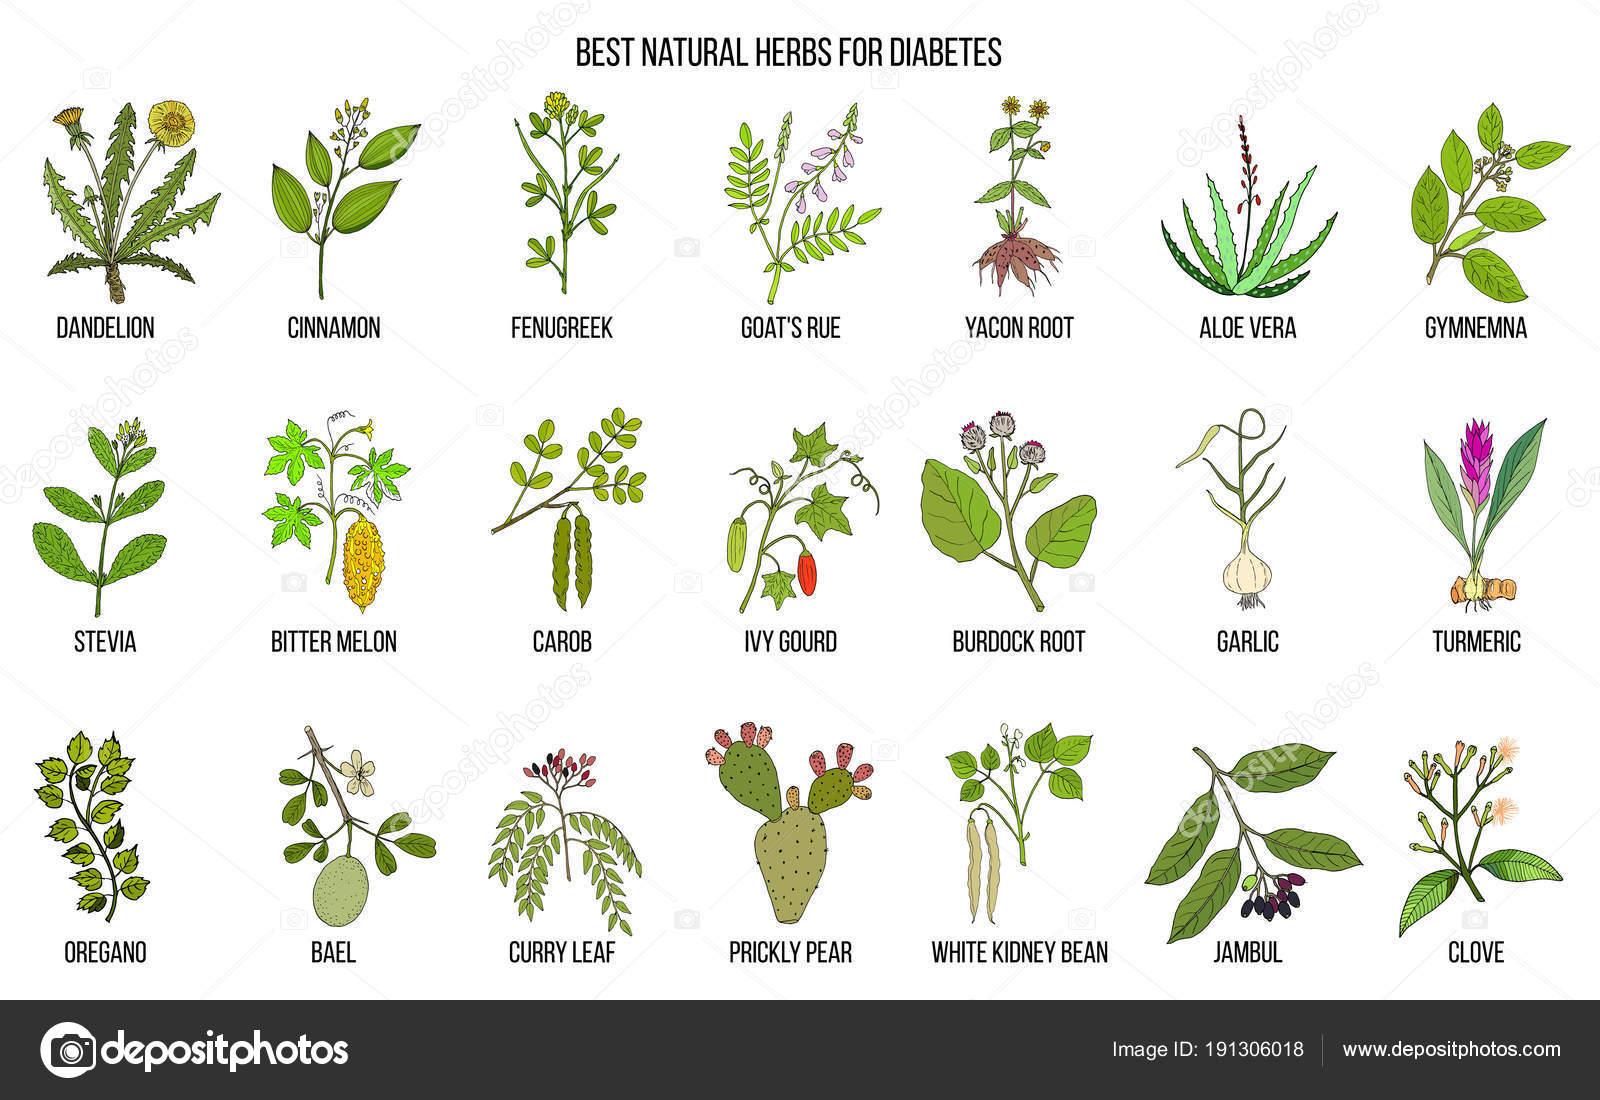 hierbas de mobsea para la diabetes